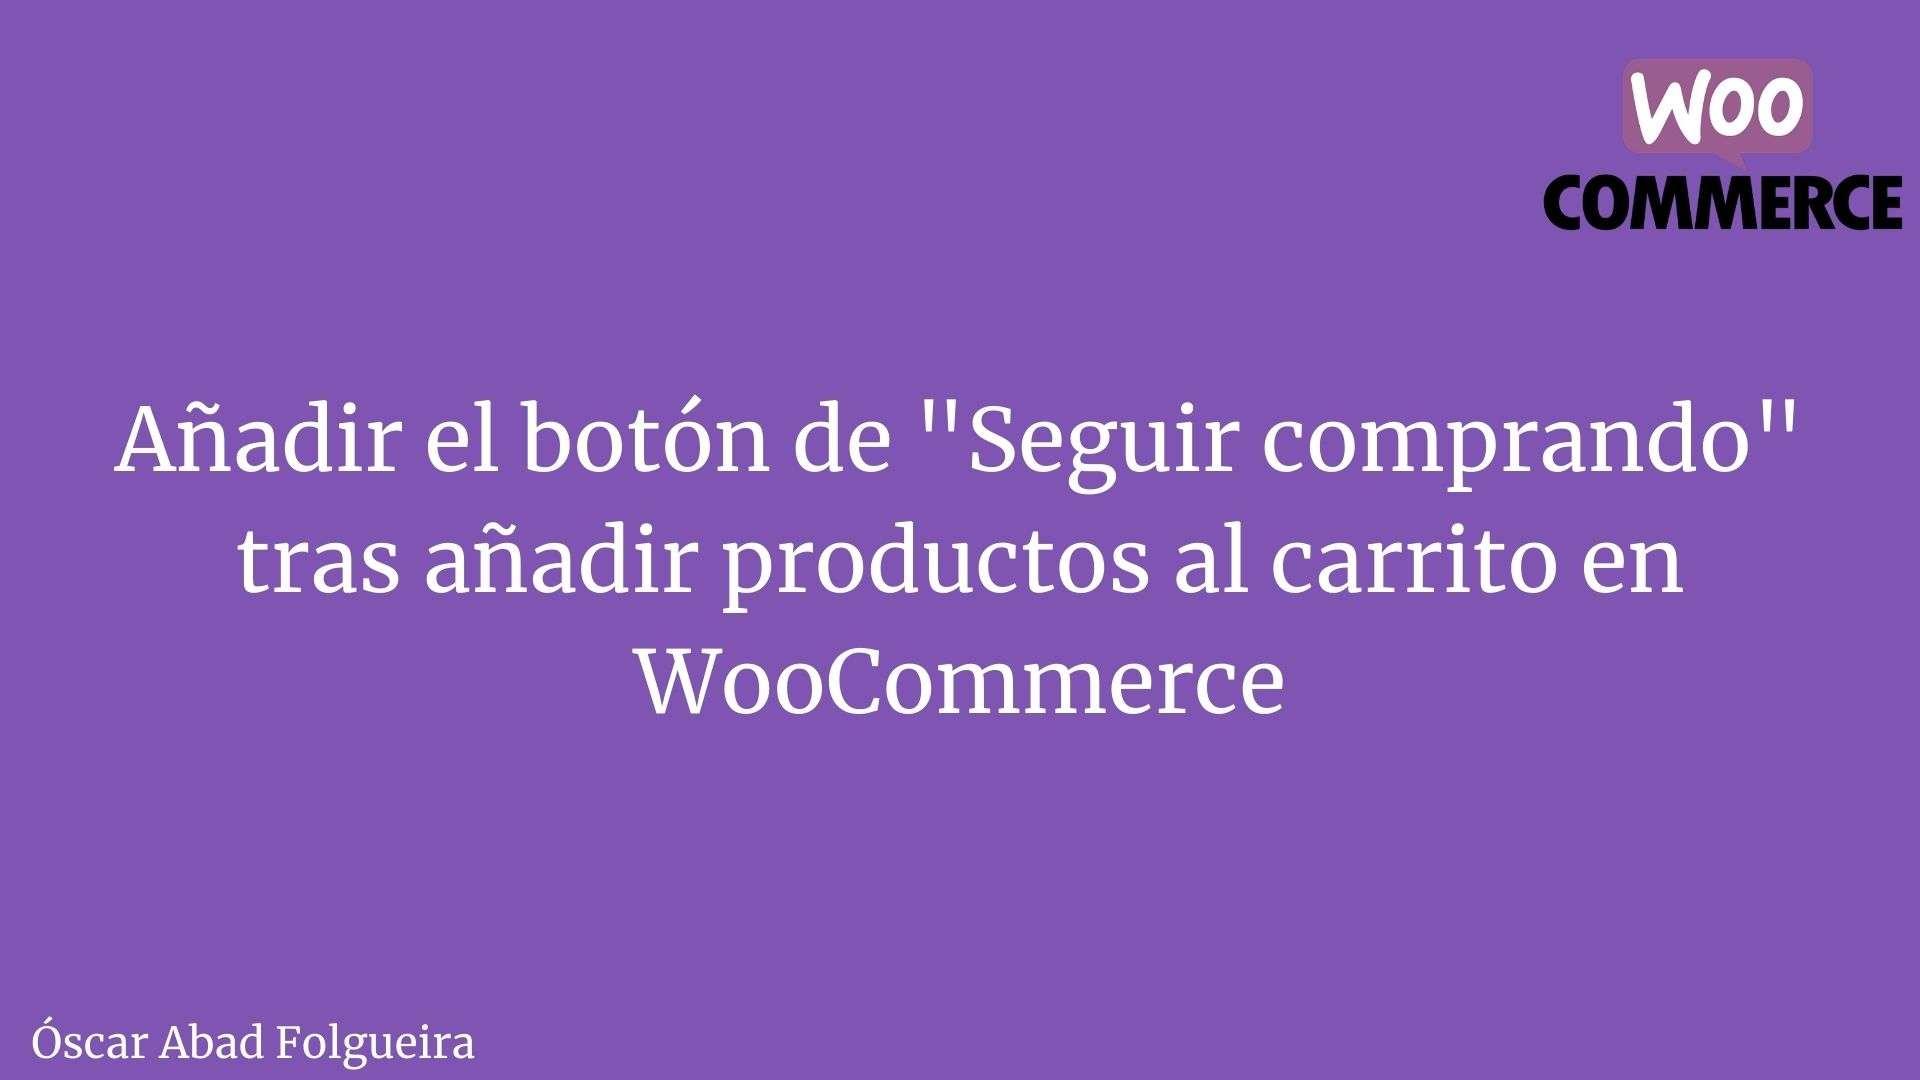 WooCommerce - Añadir botón de seguir comprando